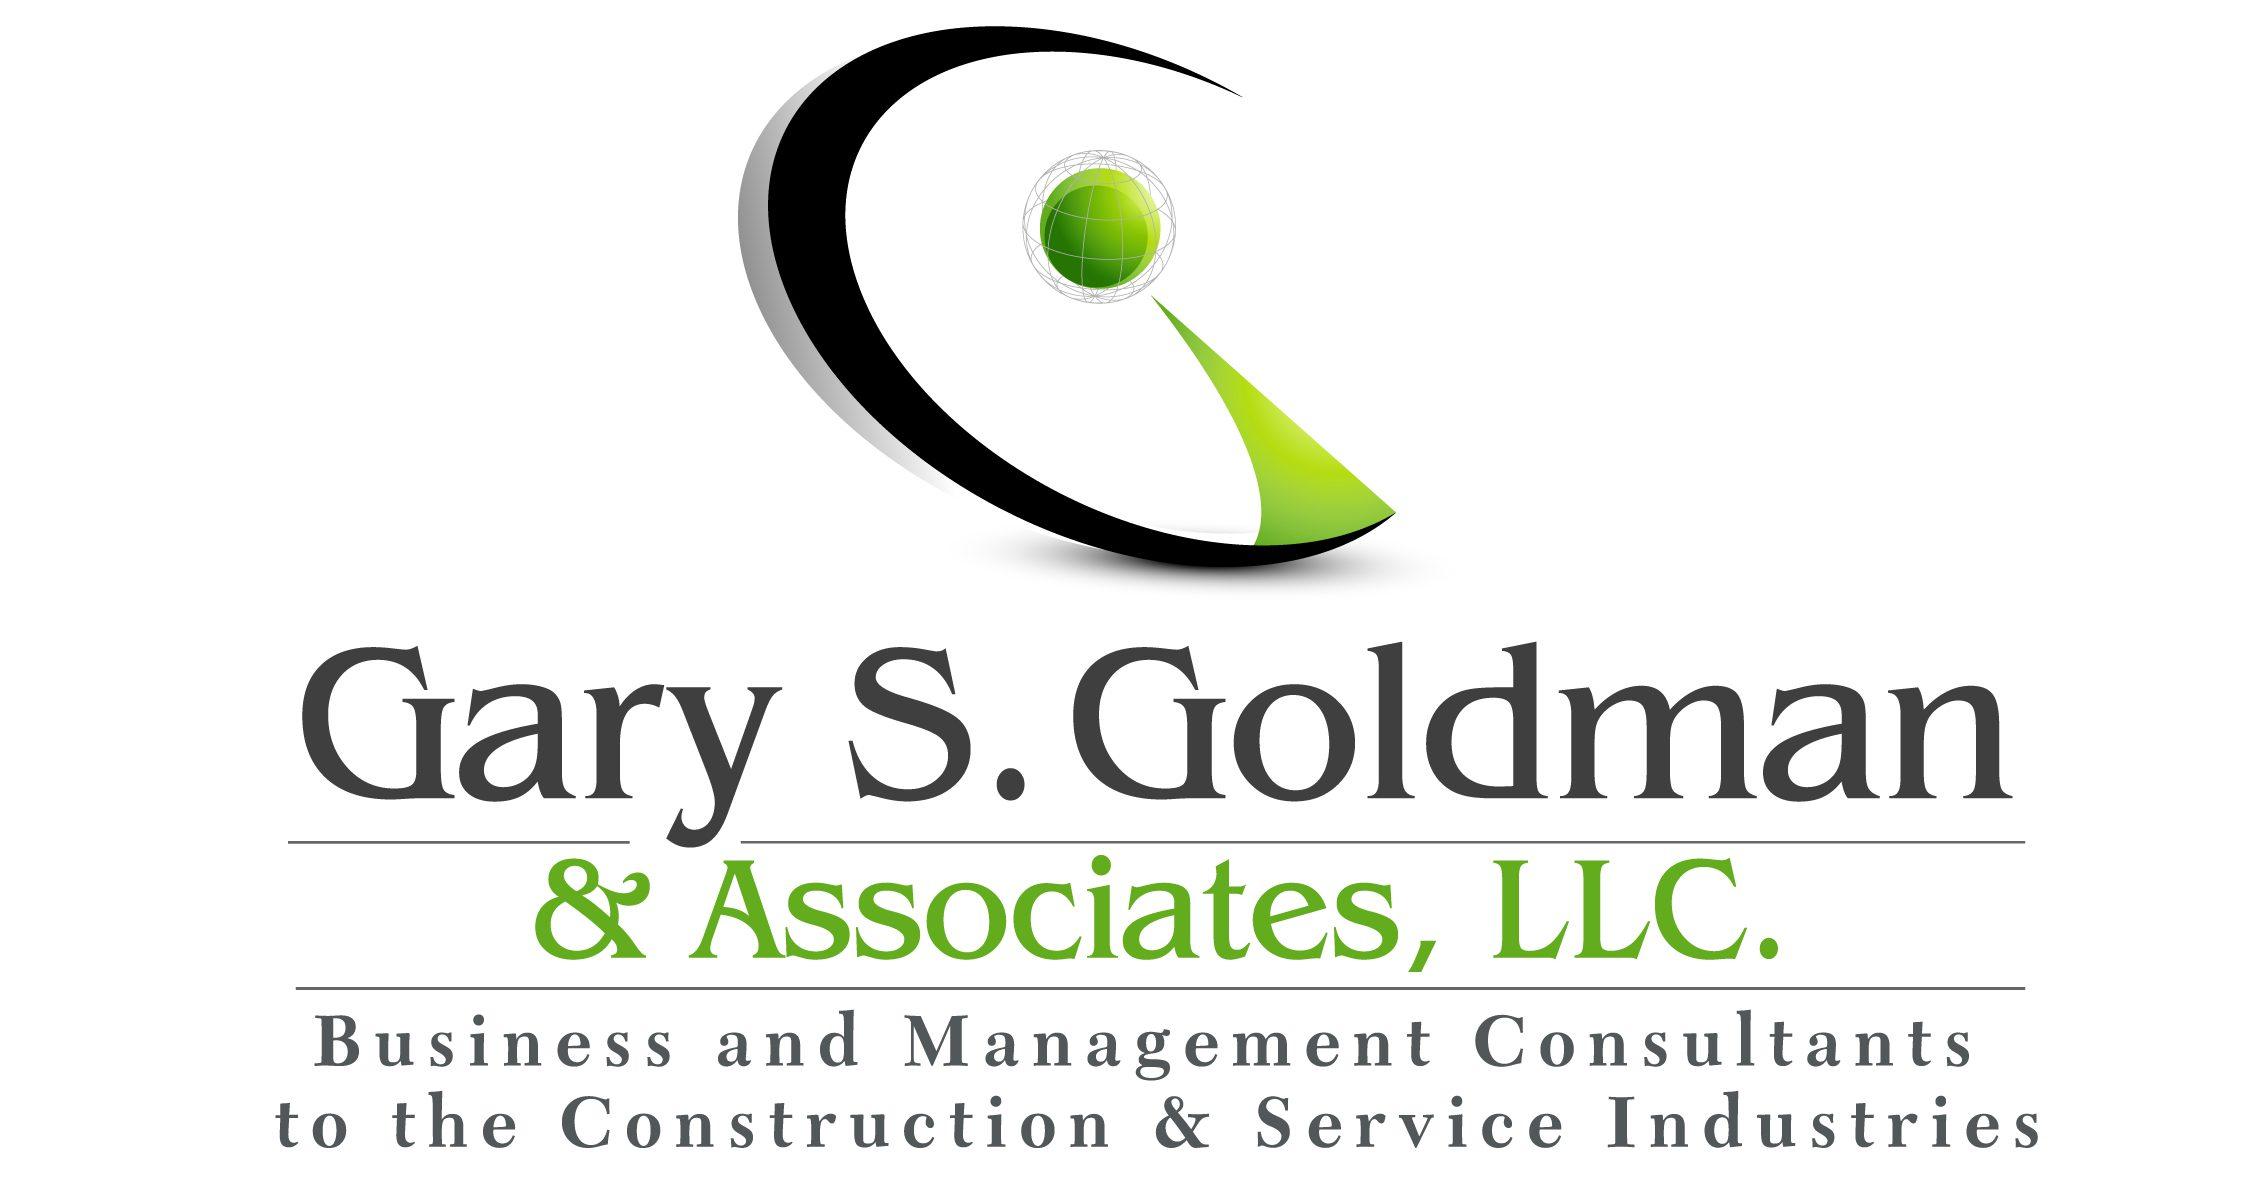 Gary S. Goldman & Associates